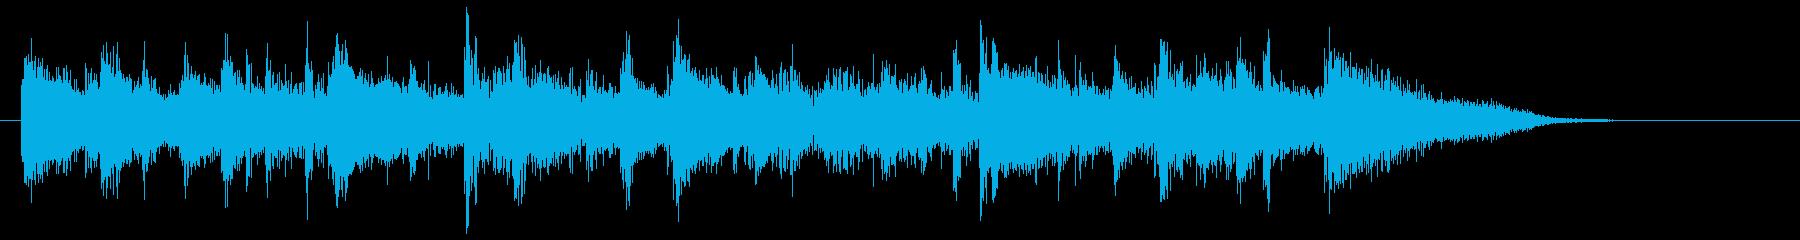 疾走感・カッコいいジャズロックのジングルの再生済みの波形